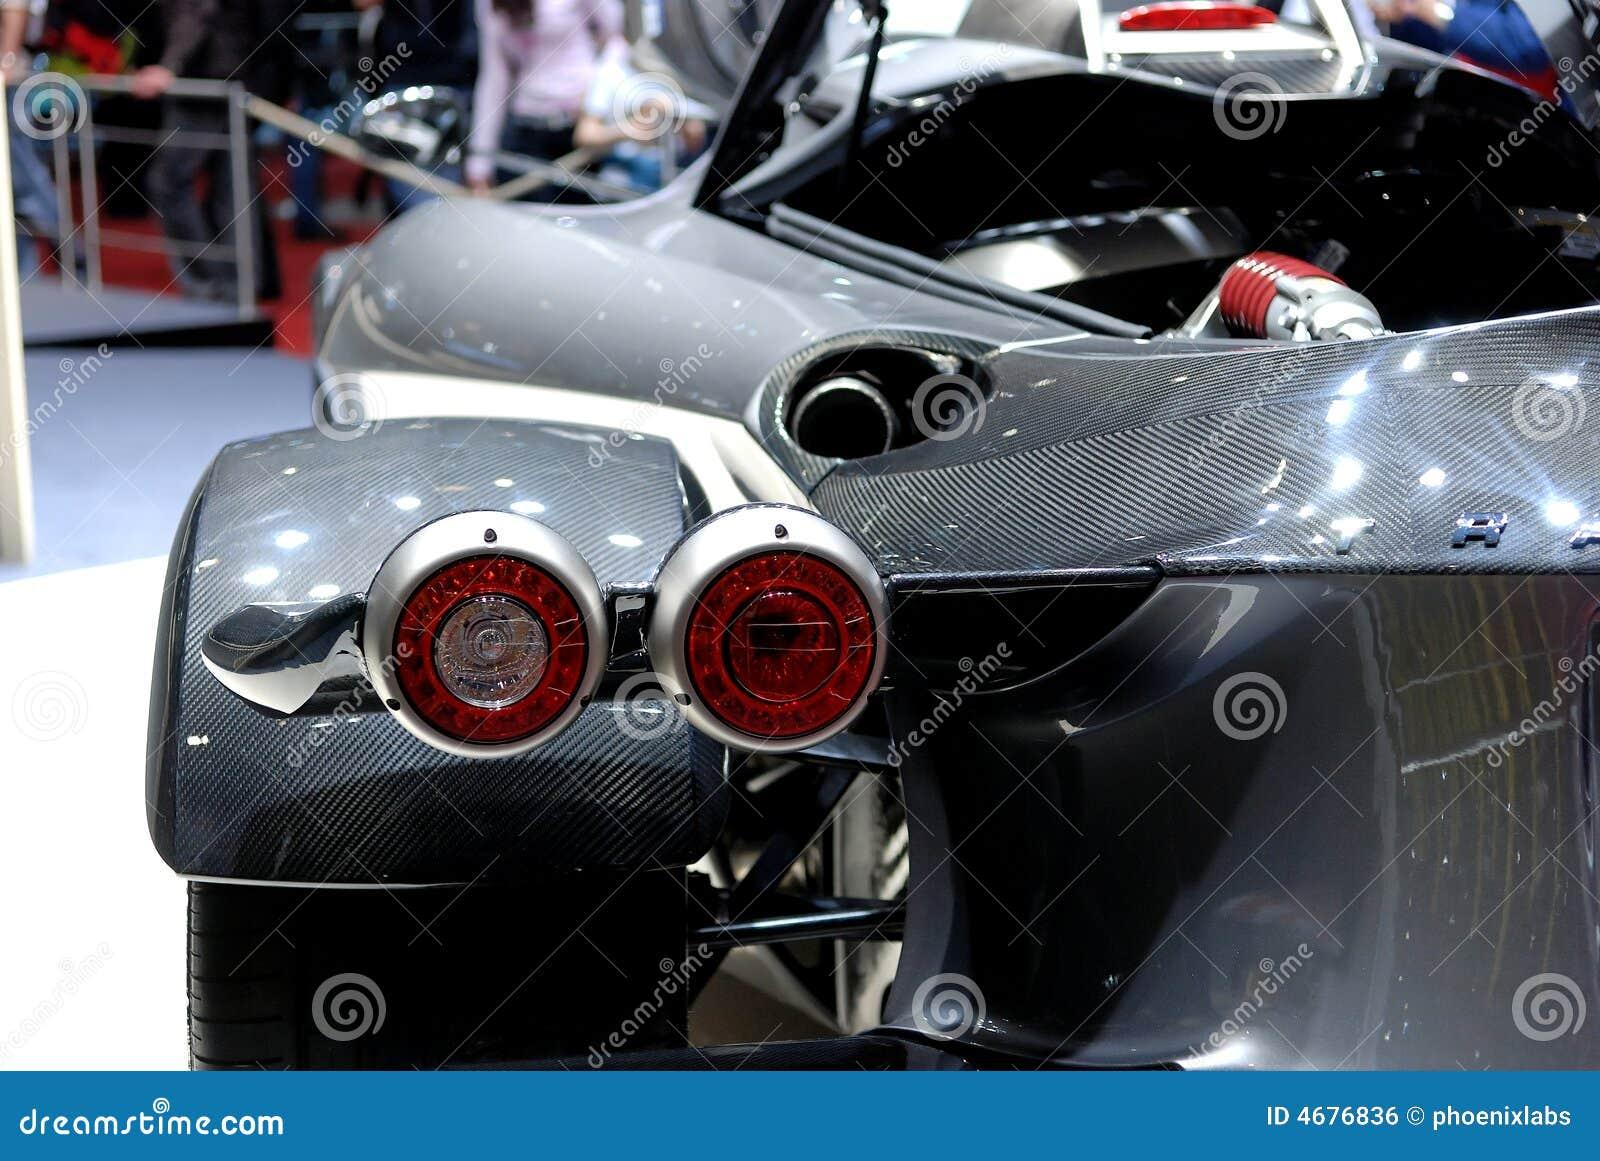 Detalle del coche de deportes